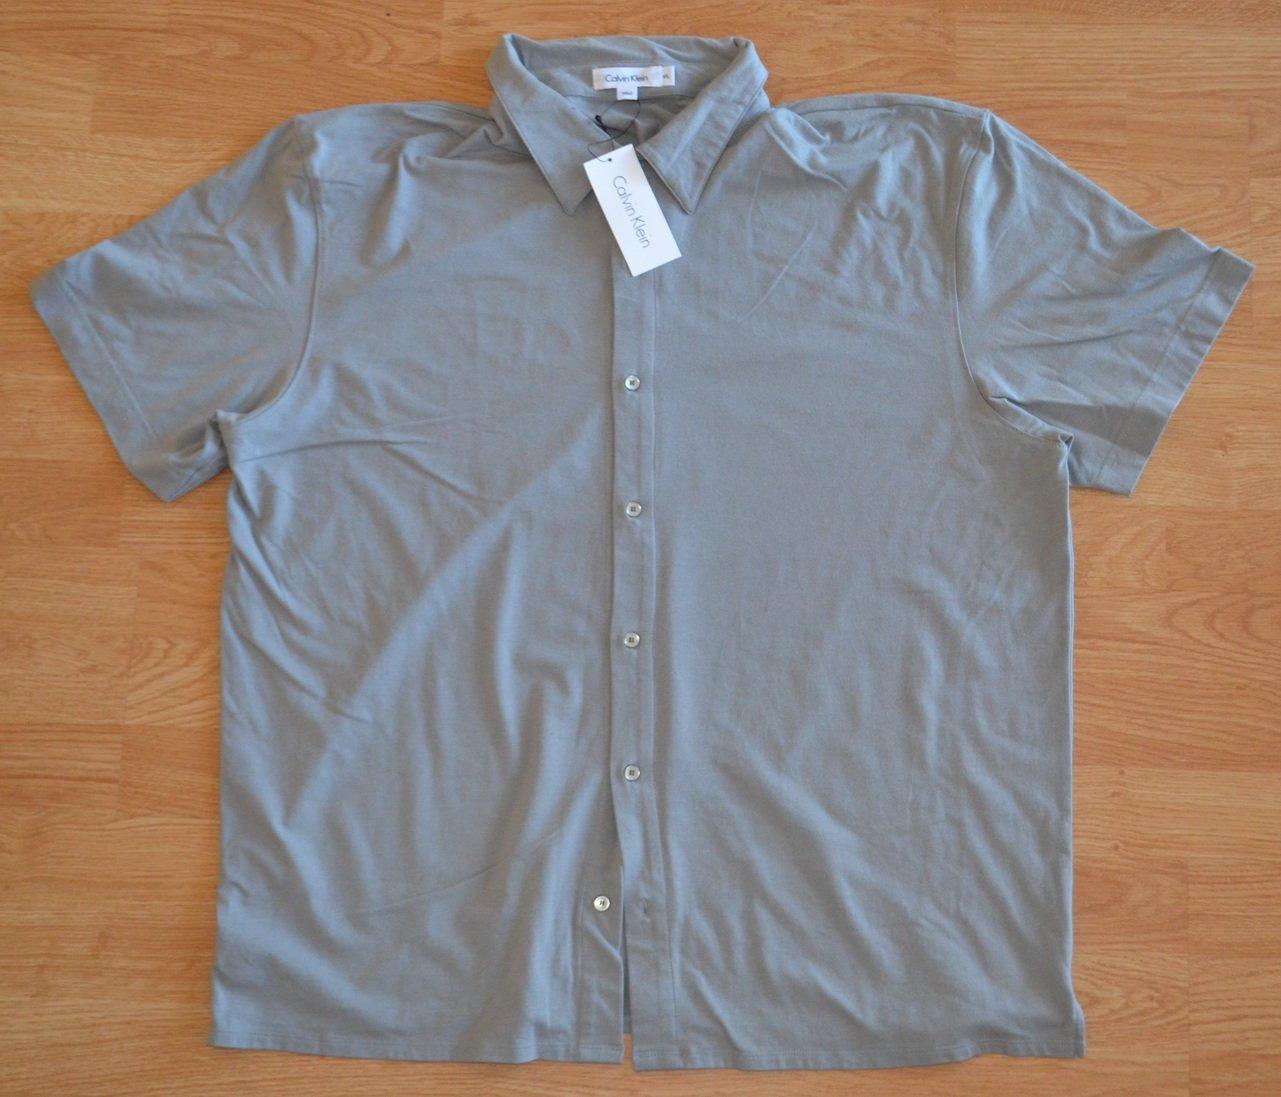 N956 New Men's shirt CALVIN KLEIN Size XXL MSRP $56.00